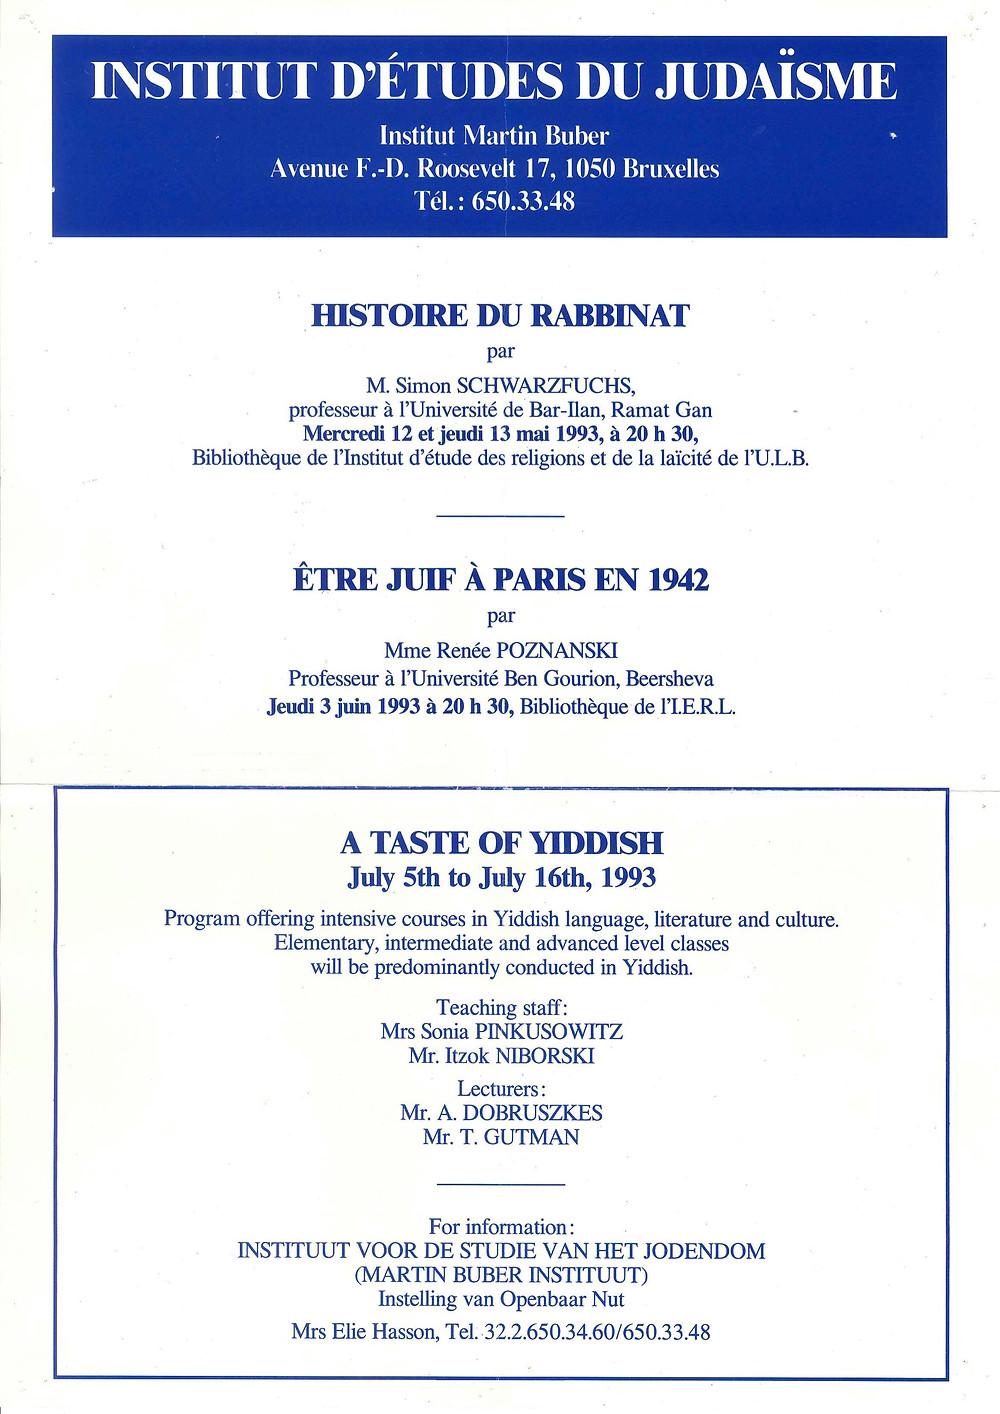 Affiche du premier séminaire de yiddish à l'IEJ (1993).